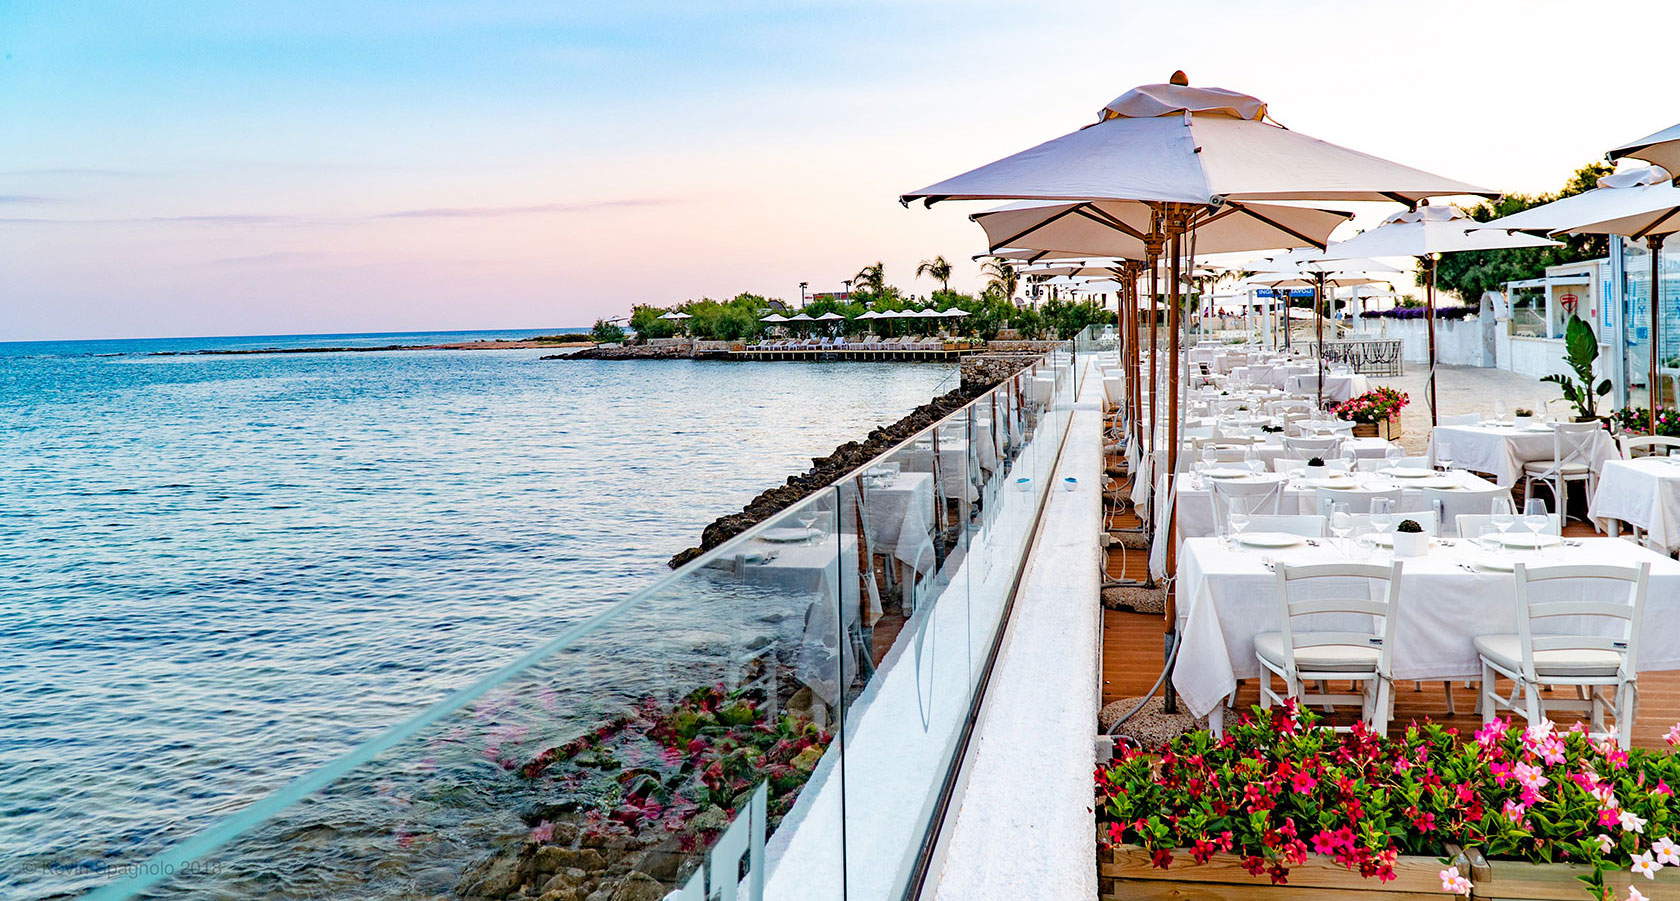 ristorante dell'isola isola beach